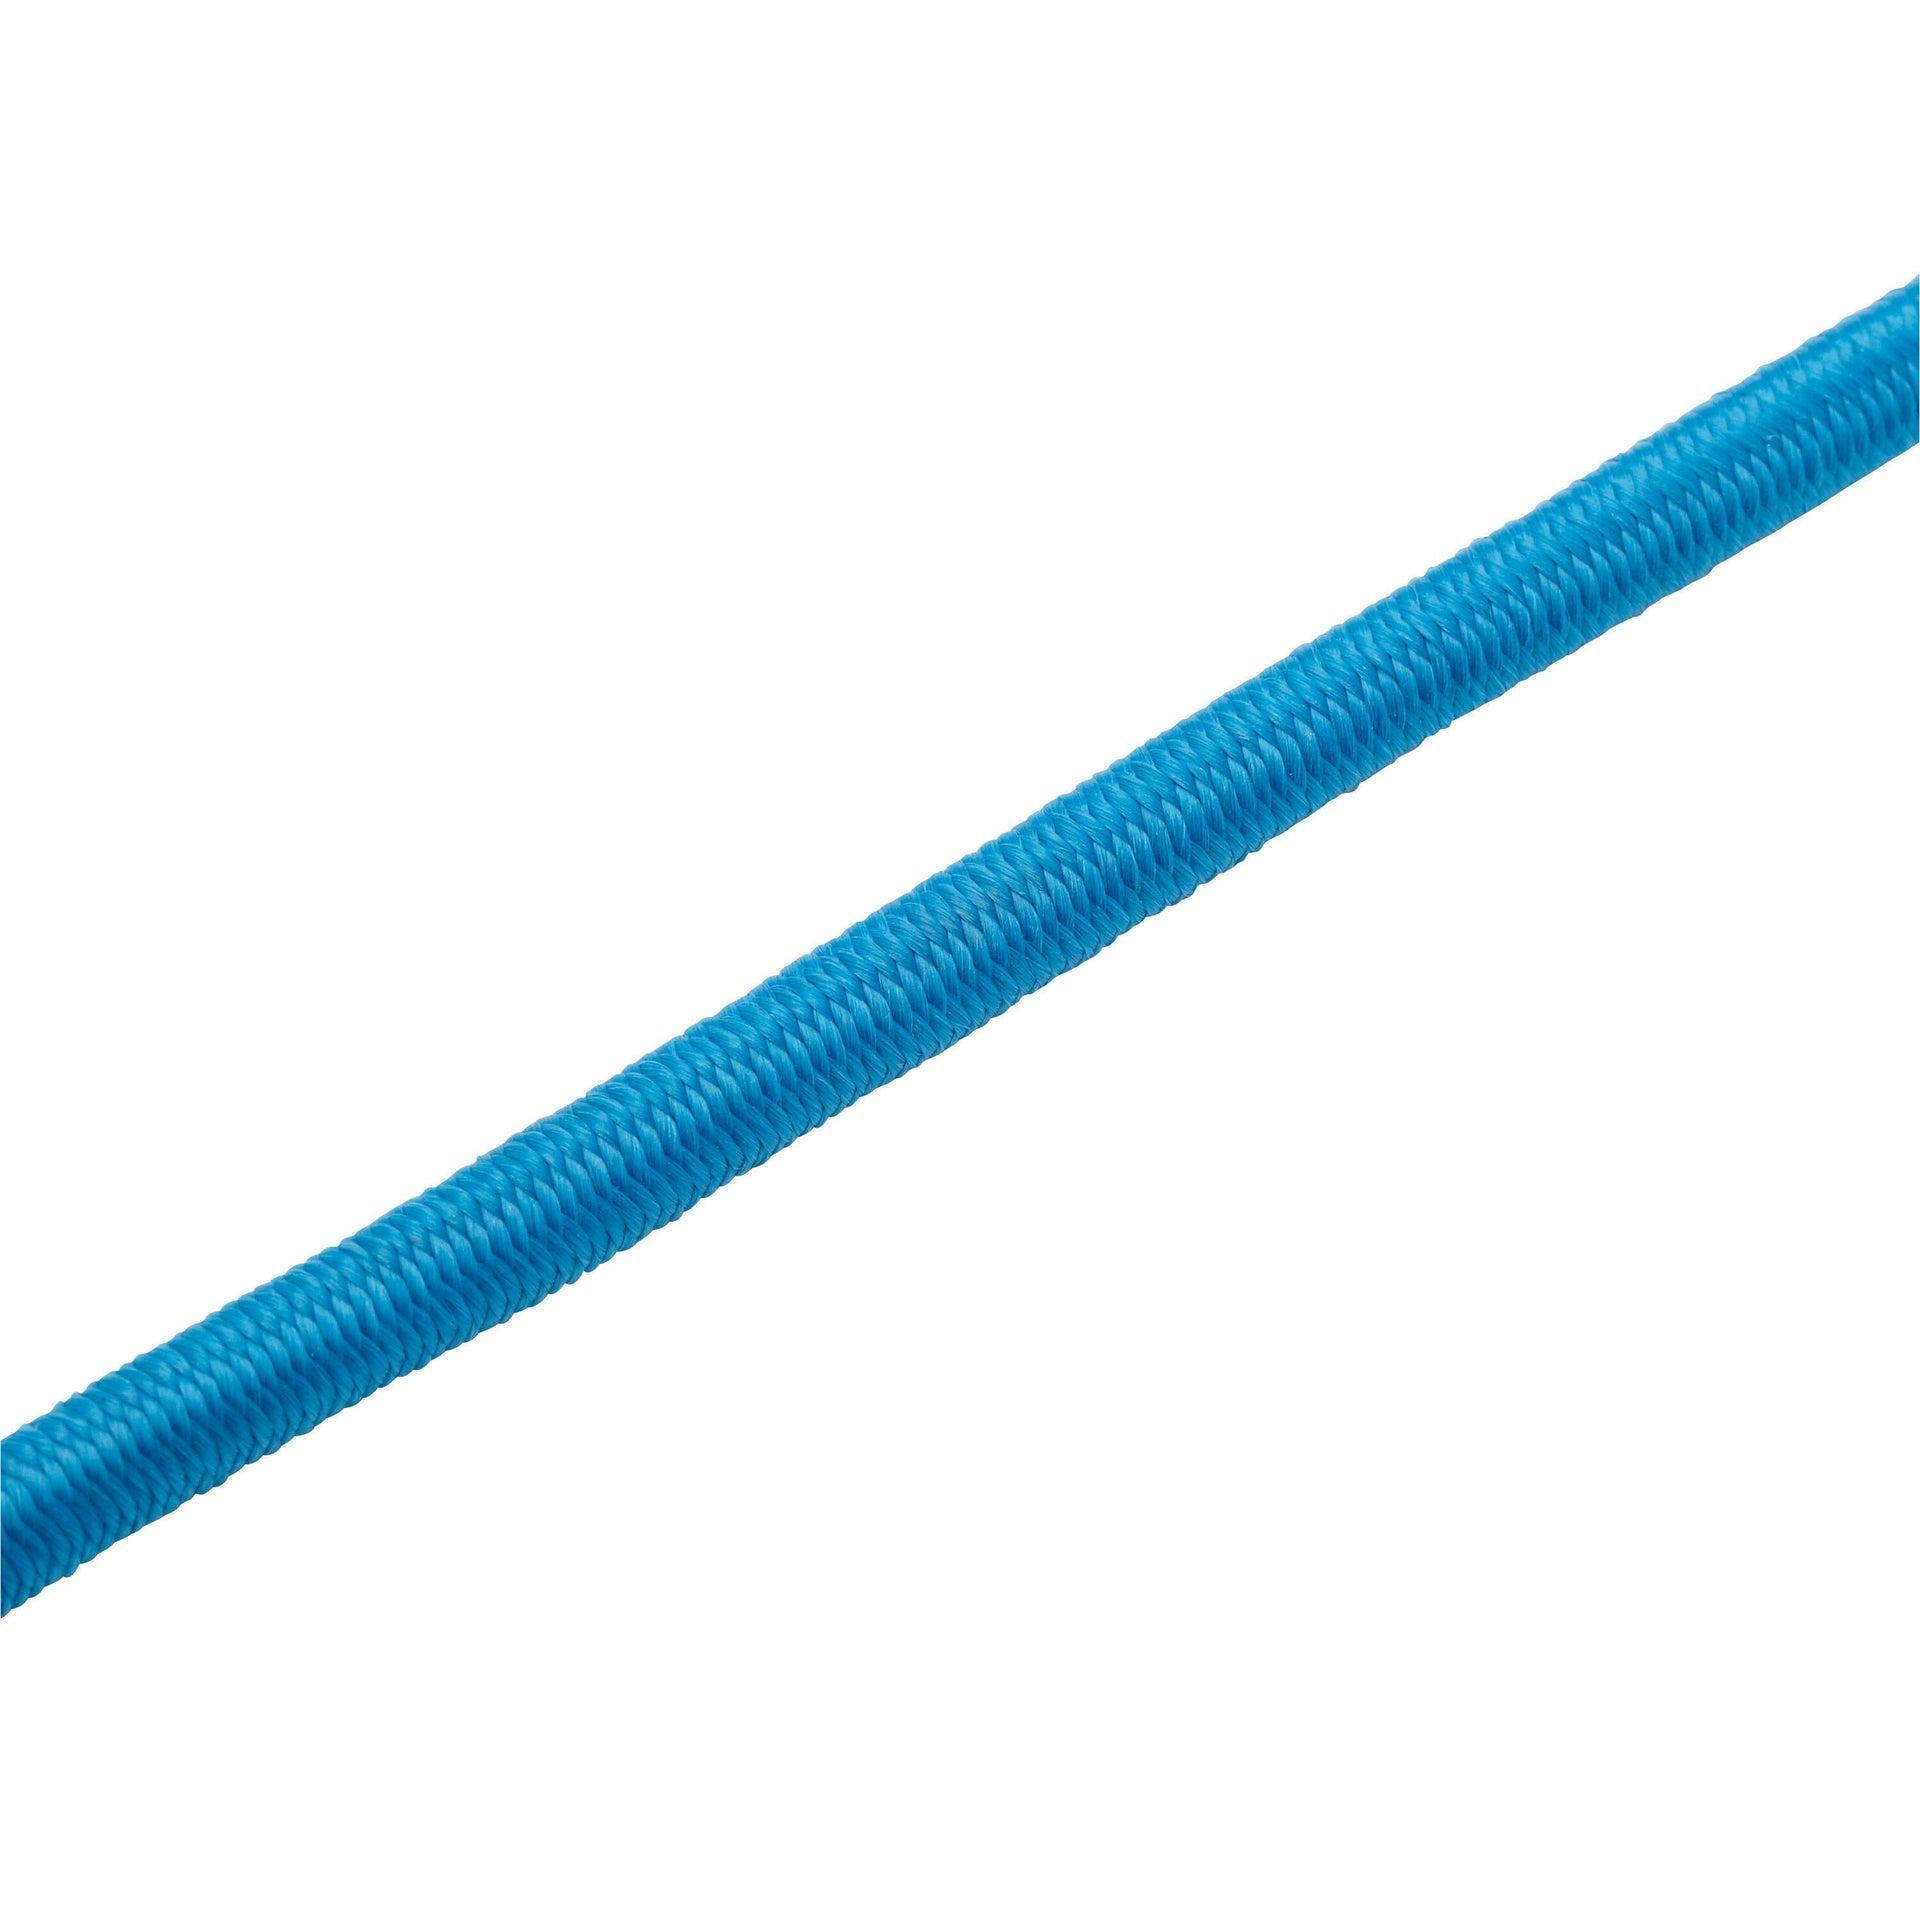 Cavo elastico blu L 1.2 m x Ø 9 mm 2 pezzi - 3